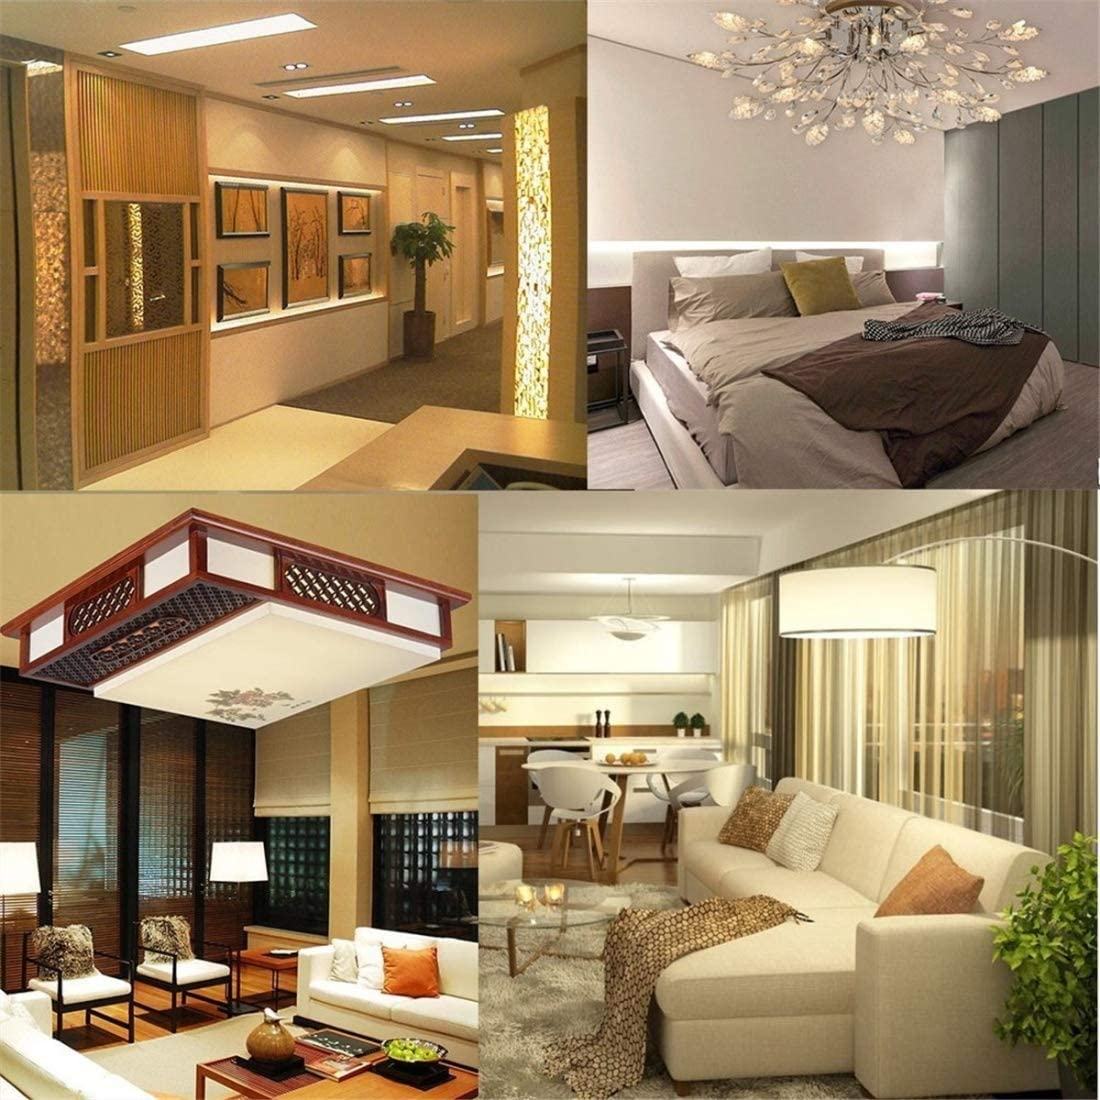 Color : Warm White Jidan LED Corn cob Light Bulb Base LED Bulbs 6PCS E12 7W AC 220-240V 152LEDs SMD 3014 Energy-Saving LED Silicone Lamp HBDZ